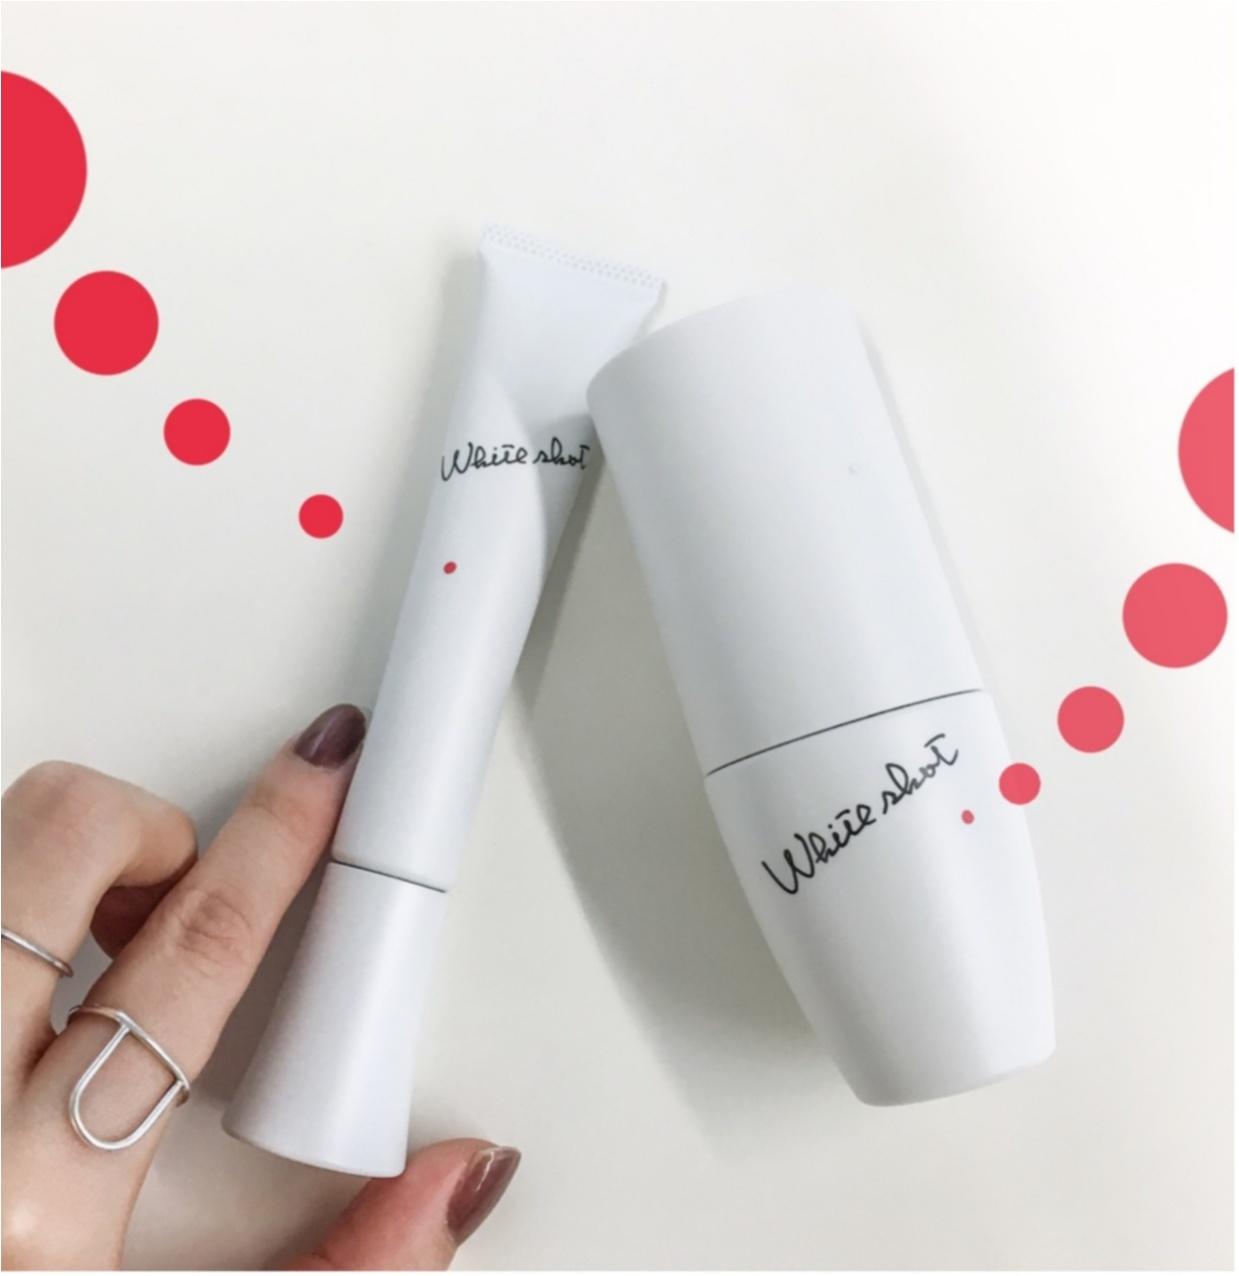 美白化粧品特集 - シミやくすみ対策・肌の透明感アップが期待できるコスメは? 記事Photo Gallery_1_25